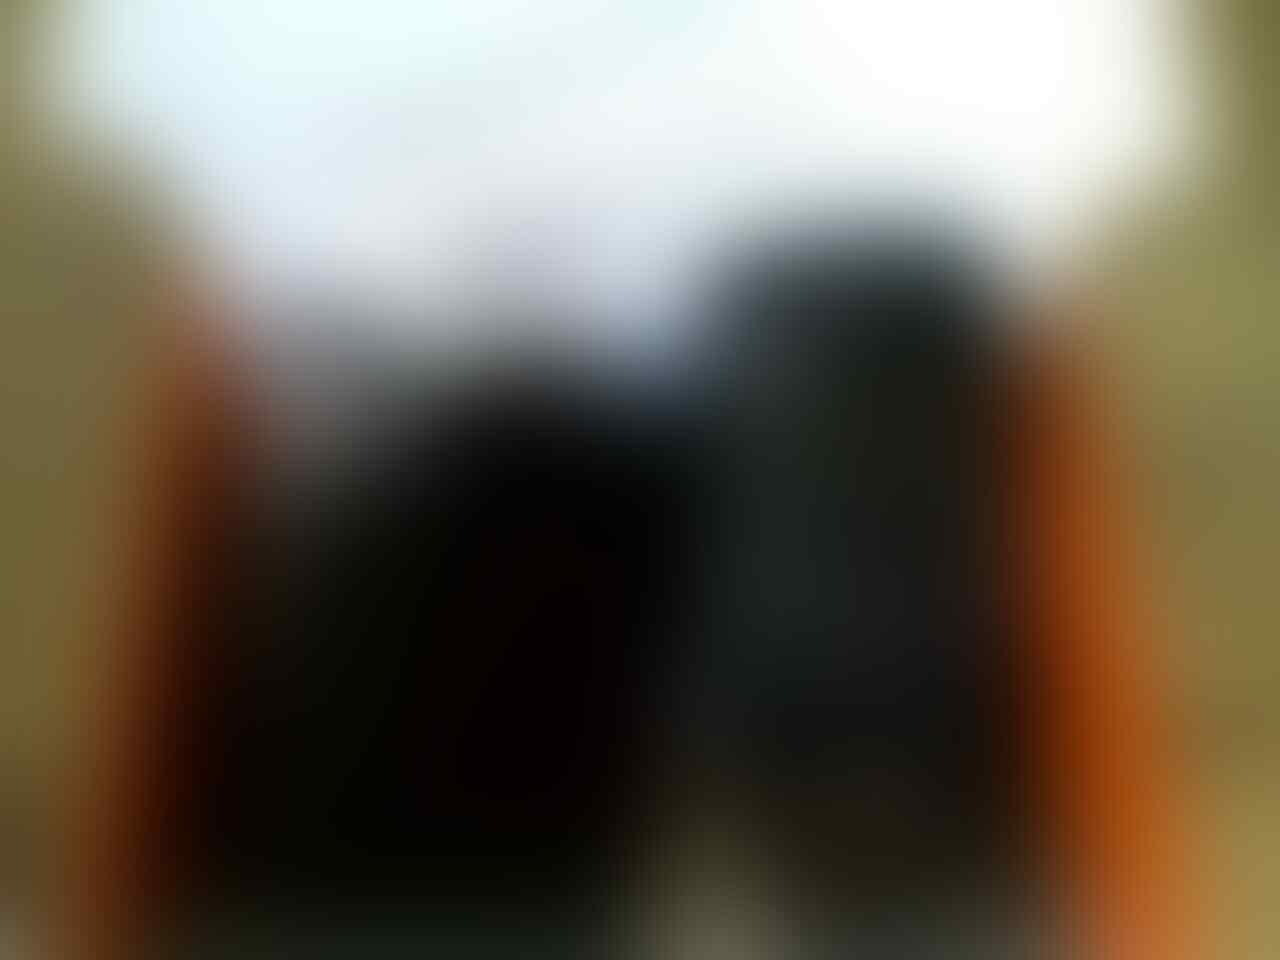 ..::Blackberry BM/ BB BM, Bergaransi, Super Murah, Via Rekber[end Seller]::..